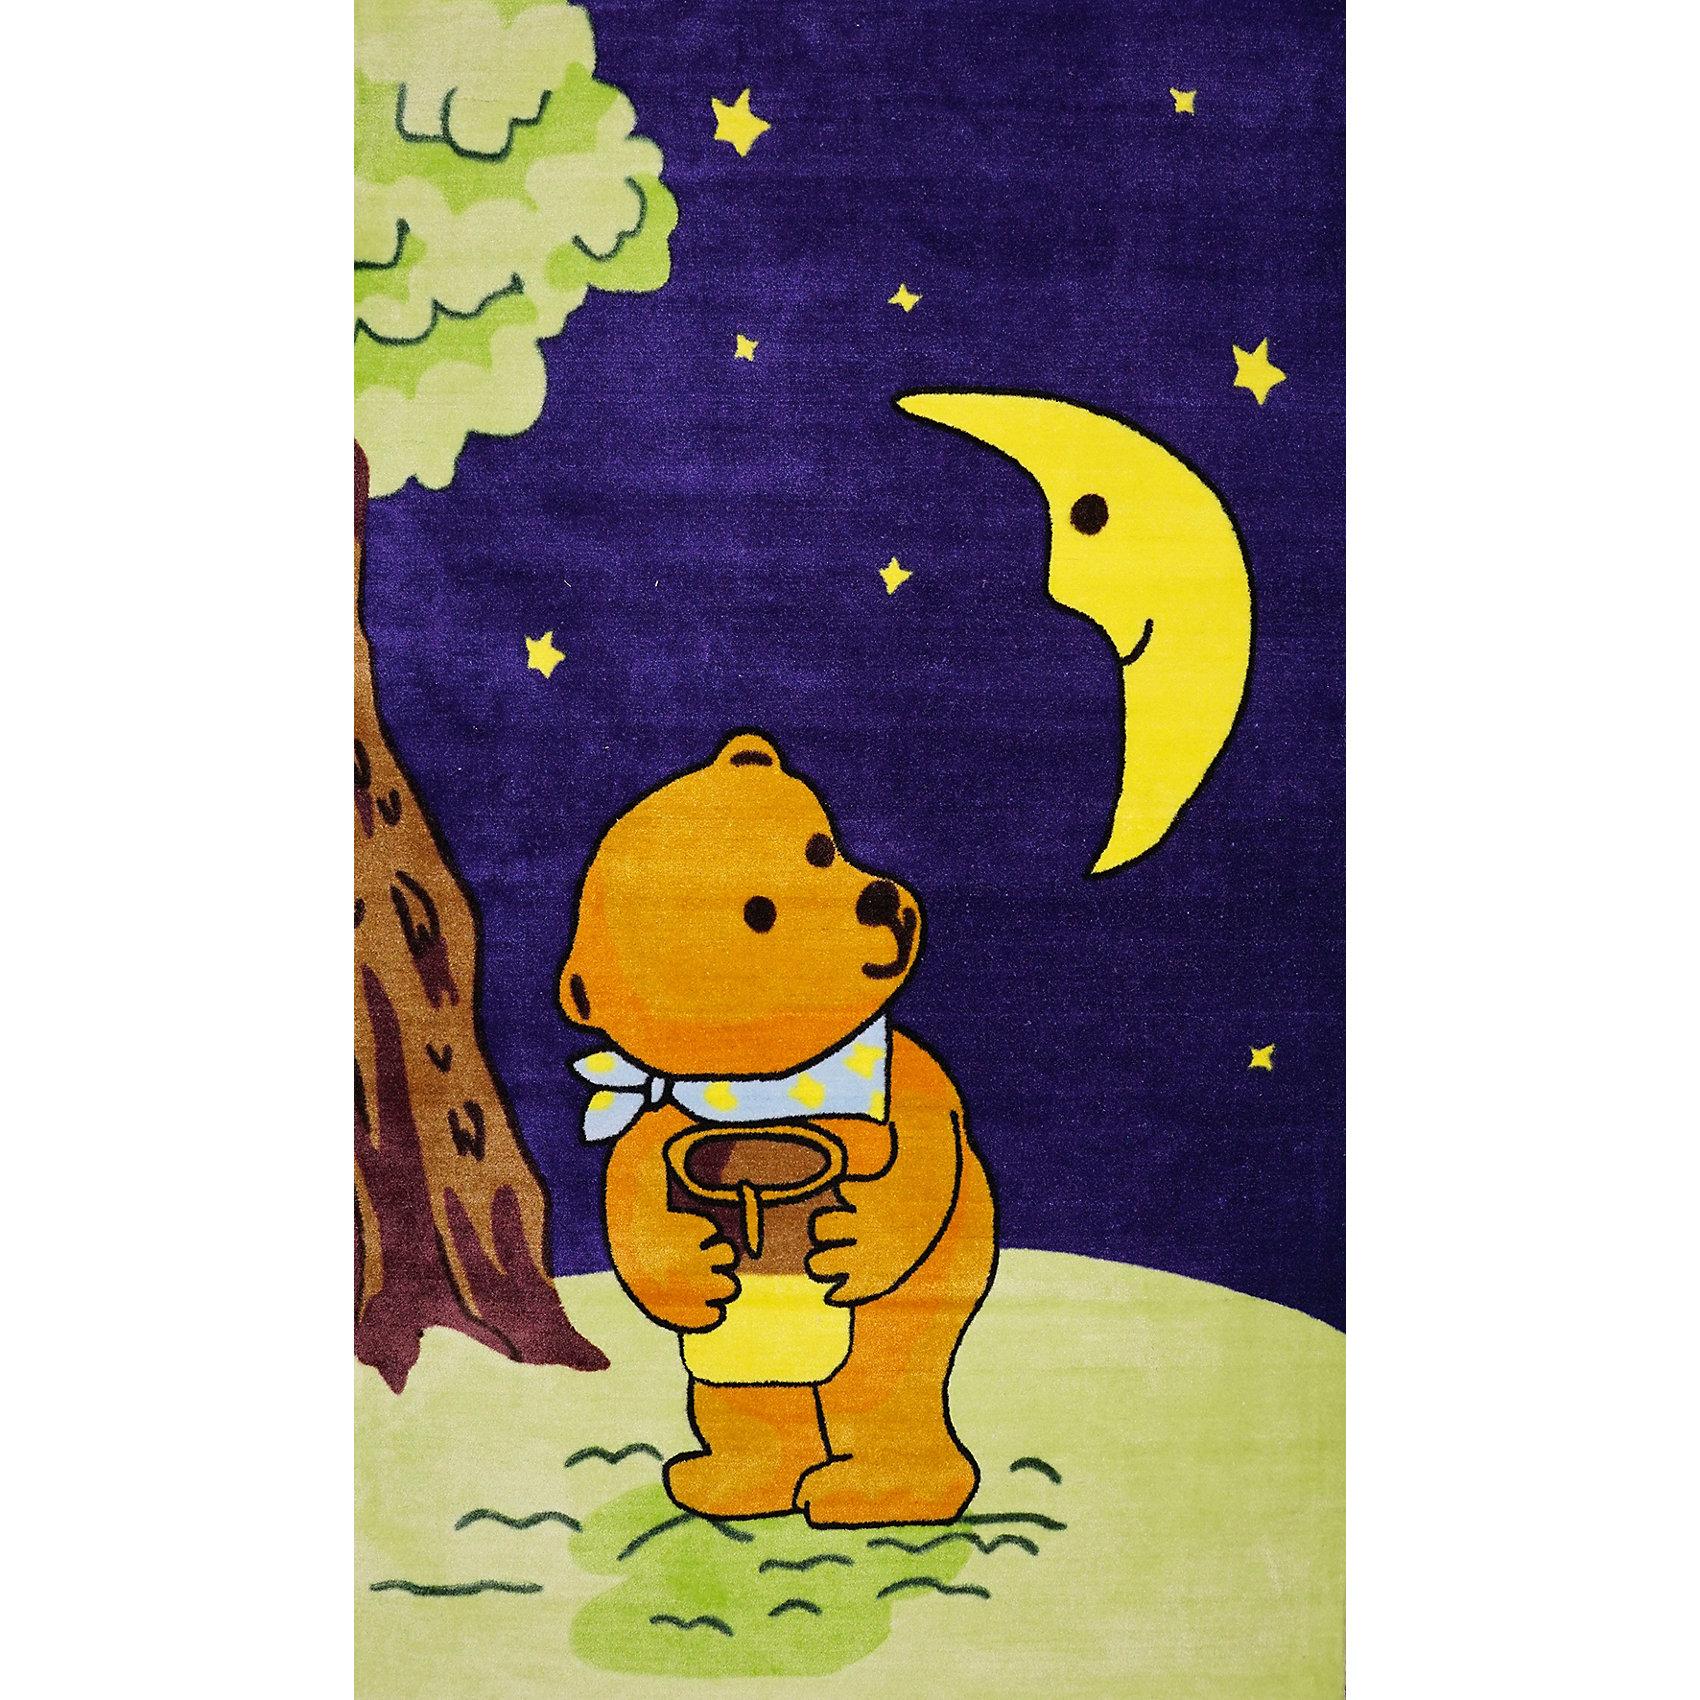 Ковер Мишка с мёдом 80 * 120 смМягкий ковер создаст уют в детской, сохранит тепло, позволив ребенку играть прямо на полу. Прямоугольный ковер с ярким рисунком прекрасно впишется в интерьер детской и обязательно понравится ребенку. Ковер изготовлен из акриловой пряжи, он очень мягкий на ощупь, гипоаллергенный, легко чистится, мало весит, прекрасно сохраняет тепло. Края изделия аккуратно и надежно обработаны. Подложка выполнена из текстильного материала - полихлопка (хлопок и полиэстер в соотношении 80/20). Полихлопок обладает высокой степенью износостойкости и в то же время достаточно мягок, чтобы не наносить повреждения на ламинированные и паркетные полы.<br><br>Дополнительная информация:<br><br>- Материал: акрил, полихлопок. <br>- Размер: 80х120 см. <br>- Цвет: синий, желтый, зеленый. <br>- Отличная теплопроводность. <br>- Антистатичность. <br>- Цветостойкость: долго сохраняет яркость цвета. <br><br>Ковер Мишка с мёдом 80 х 120 см, можно купить в нашем магазине.<br><br>Ширина мм: 800<br>Глубина мм: 120<br>Высота мм: 120<br>Вес г: 1680<br>Возраст от месяцев: -2147483648<br>Возраст до месяцев: 2147483647<br>Пол: Унисекс<br>Возраст: Детский<br>SKU: 4537015